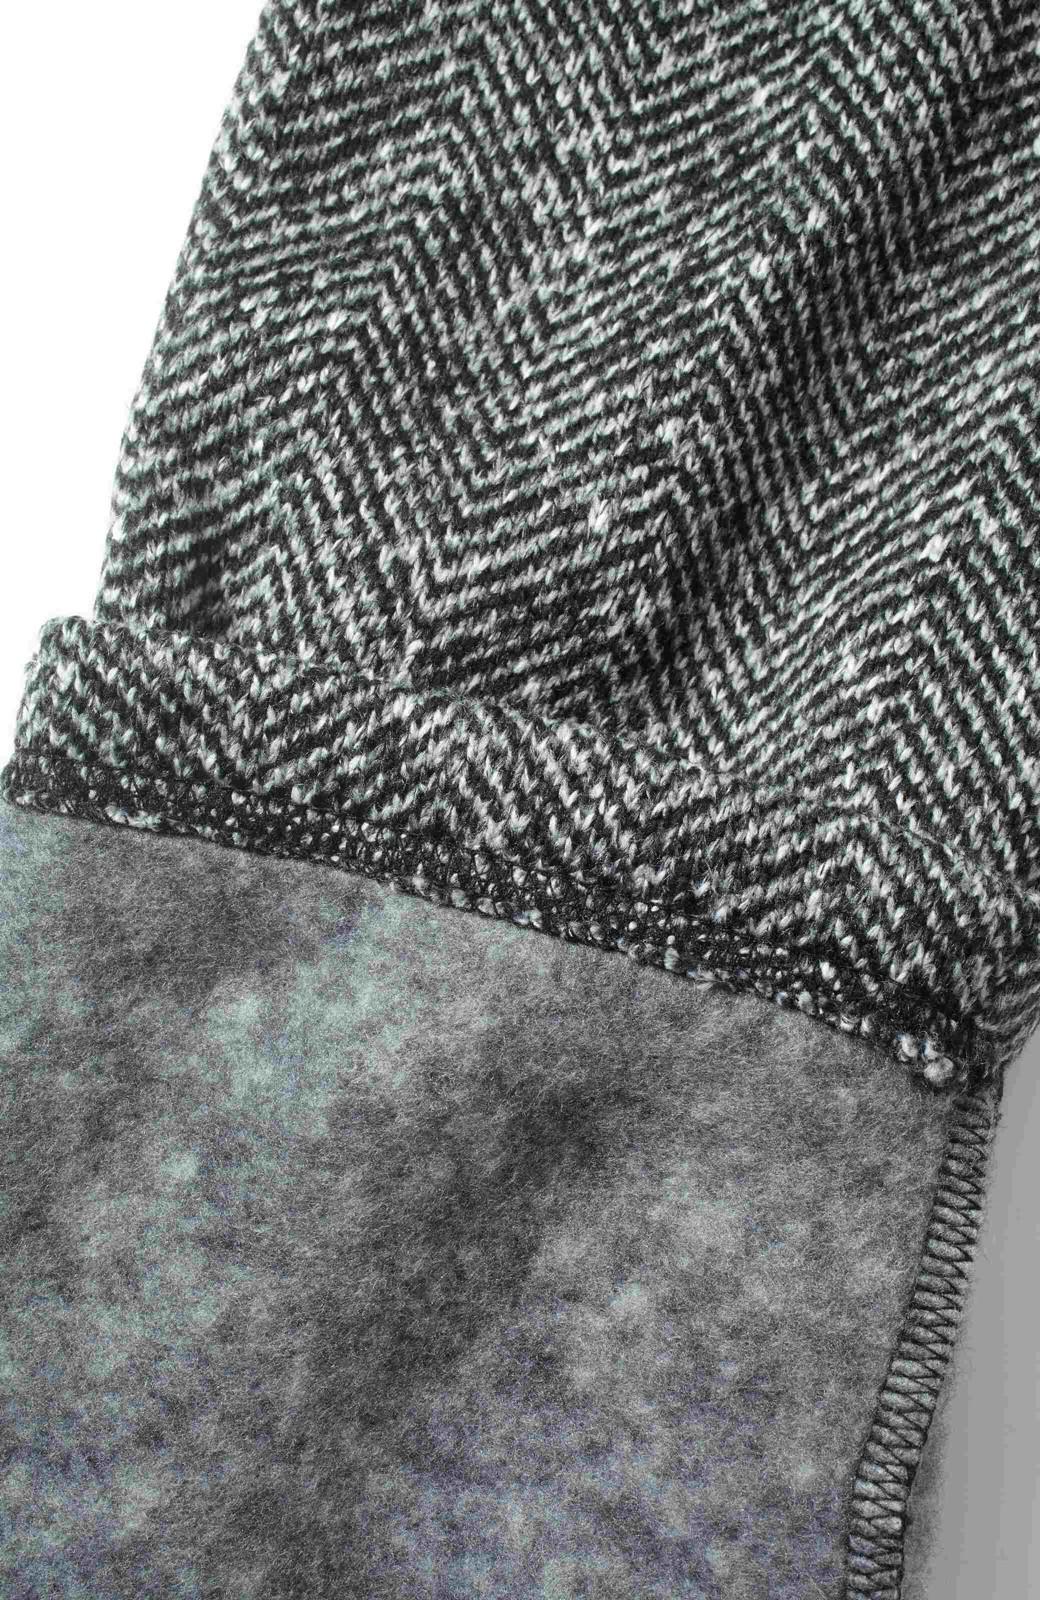 SHE THROUGH SEA タイツなしでもあったかい ヘリンボーンプリントの裏起毛きれい見えパンツ <ブラック>の商品写真2